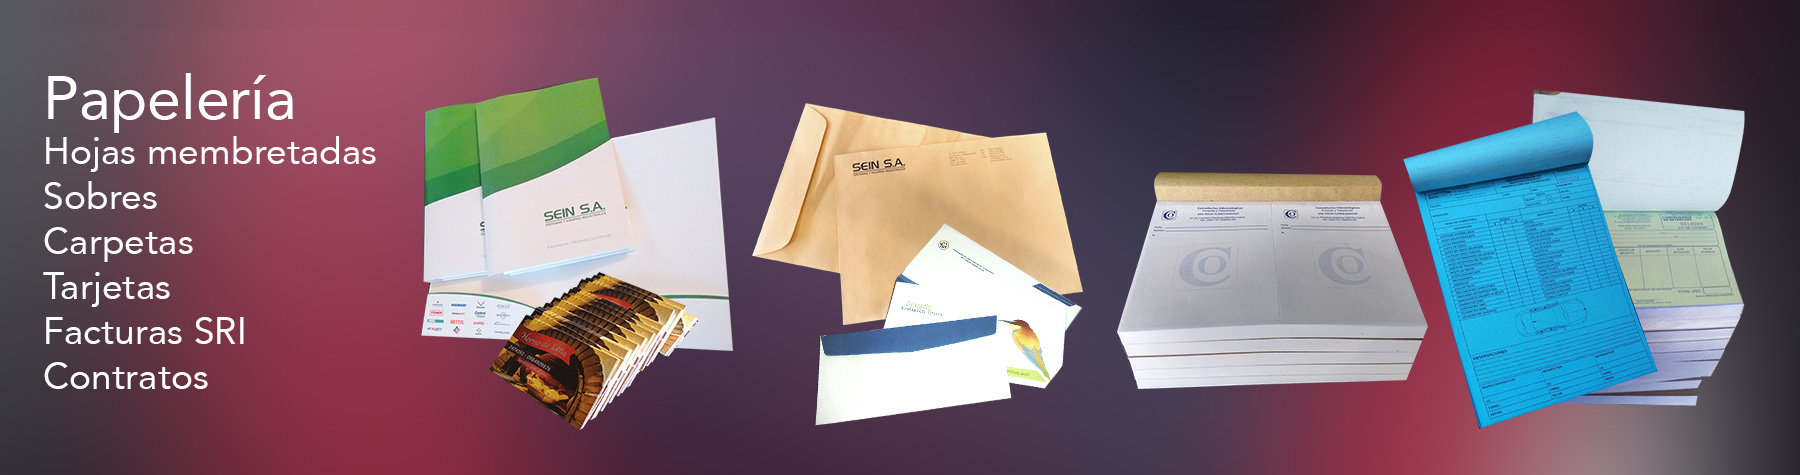 imprenta-quito-imprentas-sobres-hojas-recetarios-facturas-quito-carpetas-cuadernos-corporativos